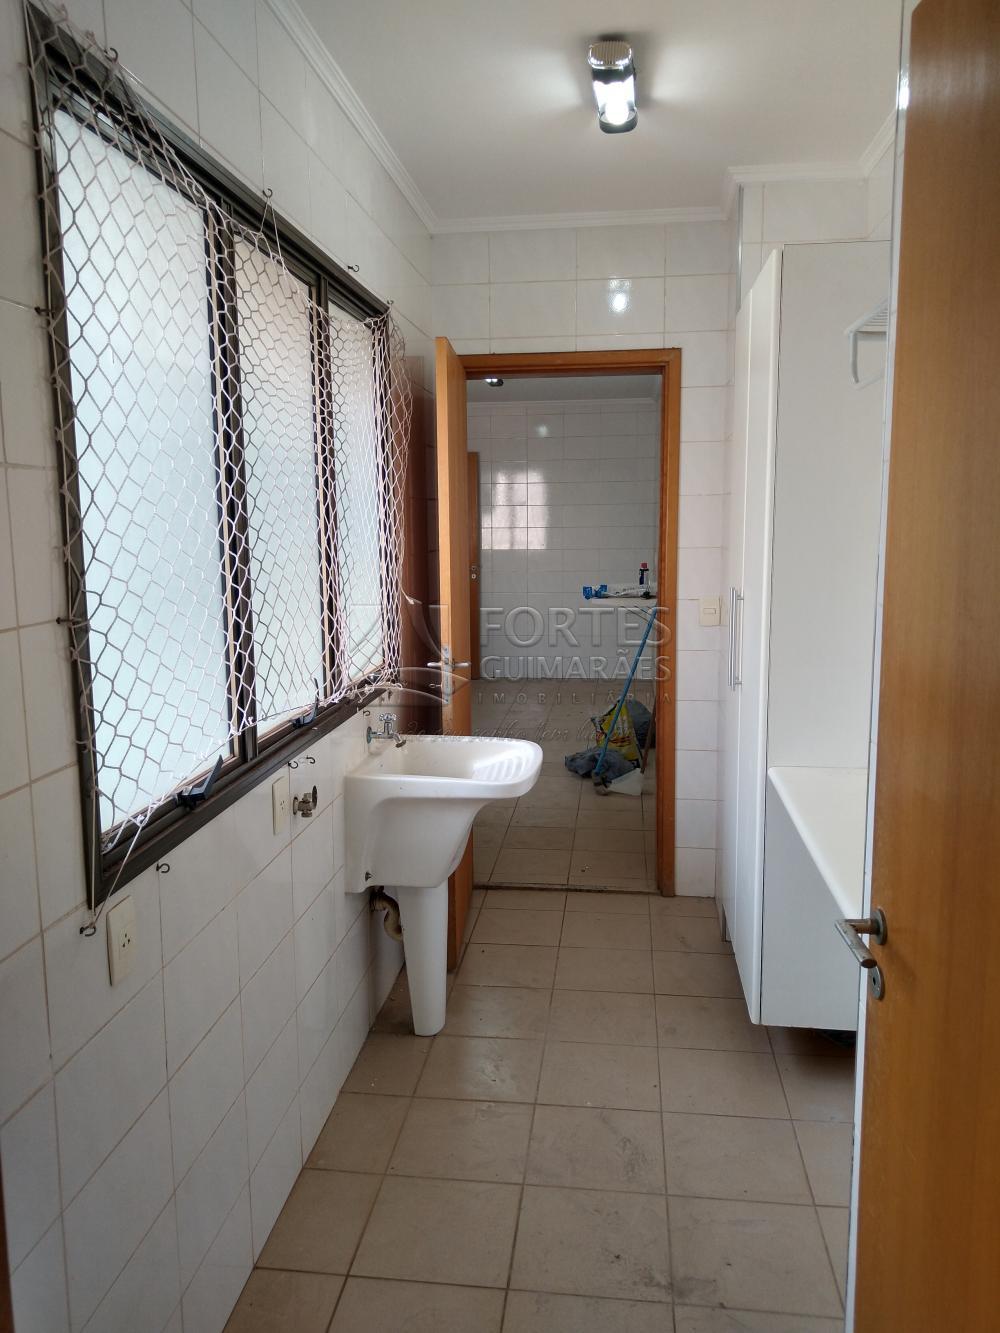 Alugar Apartamentos / Padrão em Ribeirão Preto apenas R$ 1.600,00 - Foto 25